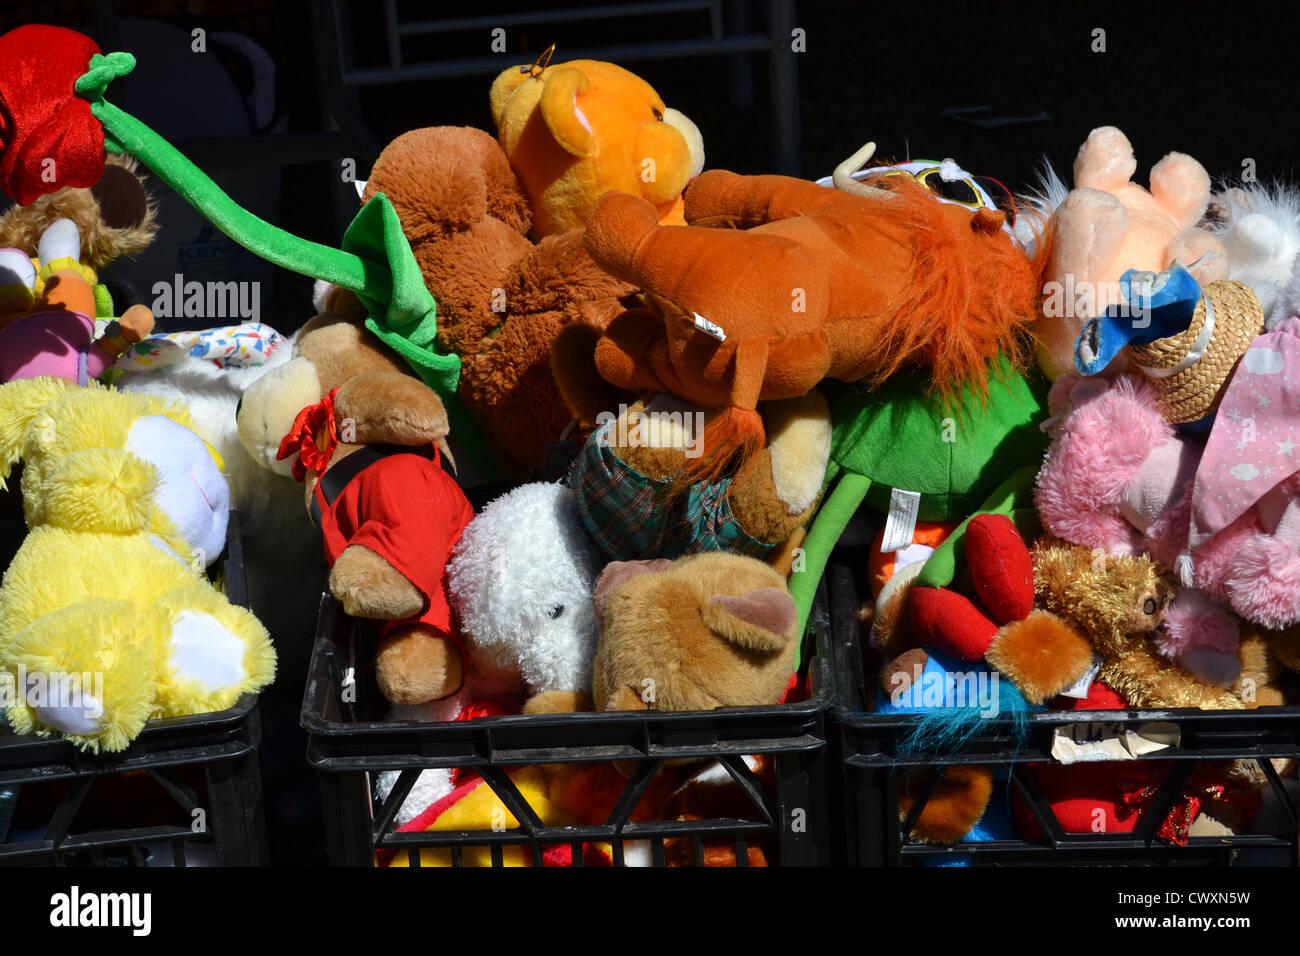 Les caisses pleines de peluches et jouets en peluche au marché aux puces Photo Stock